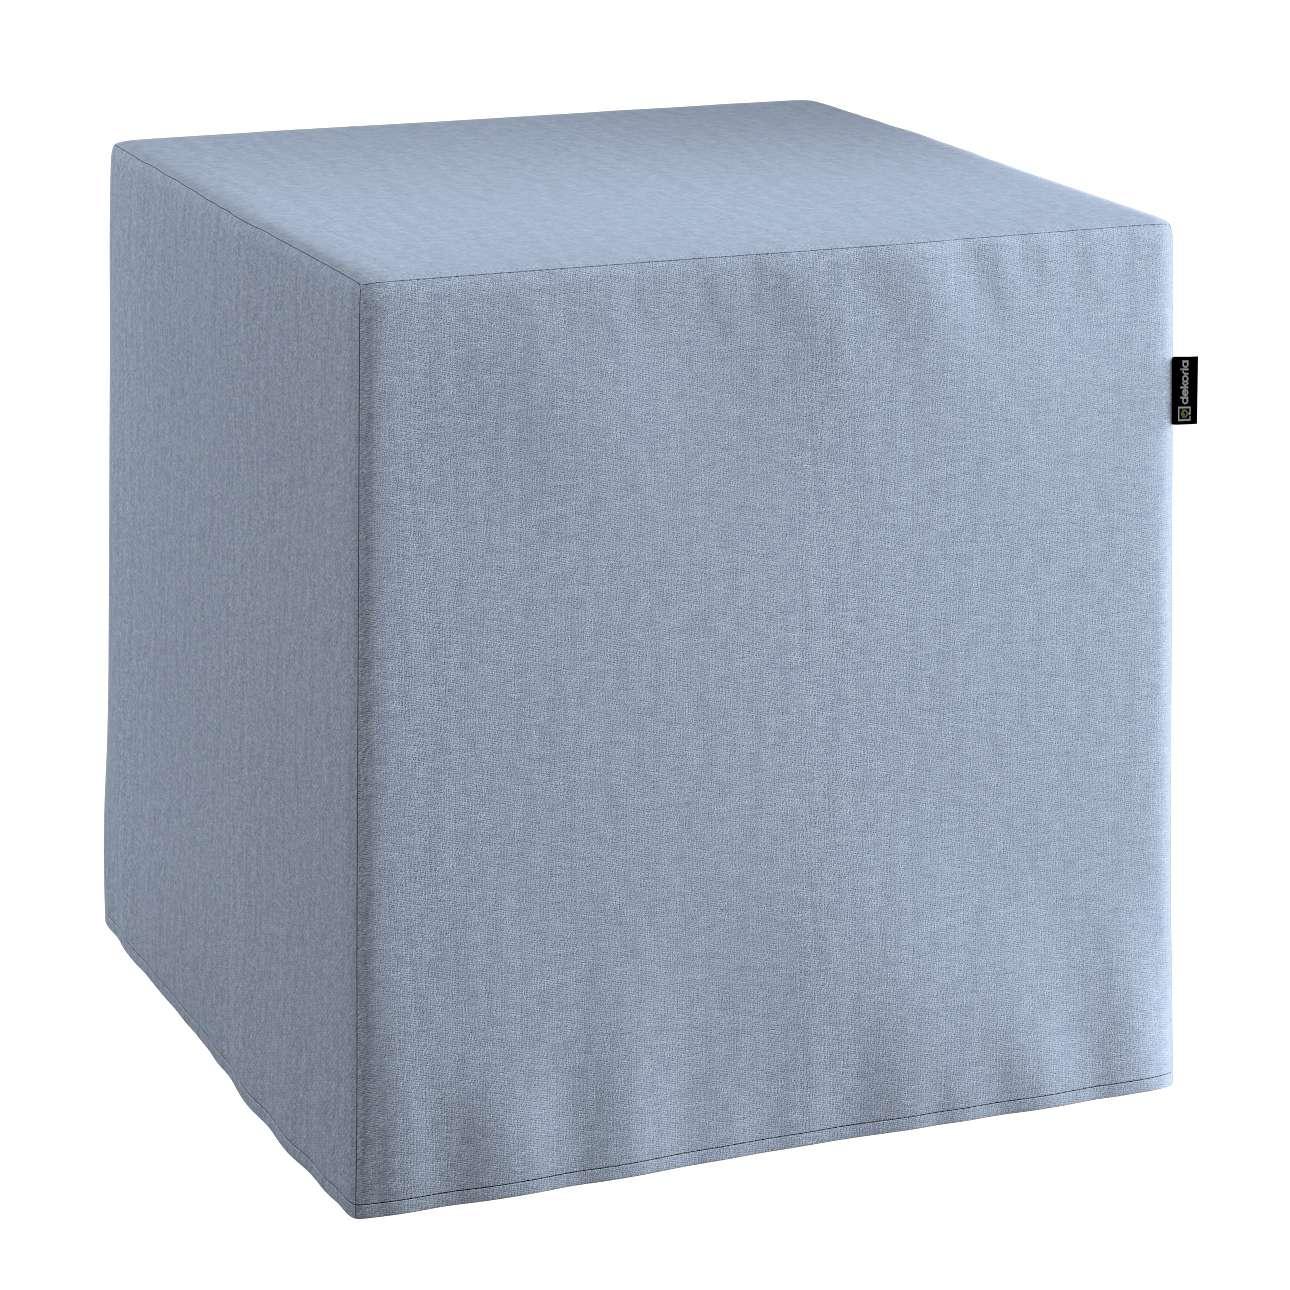 Pufo užvalkalas 40x40x40 cm kubas kolekcijoje Chenille, audinys: 702-13